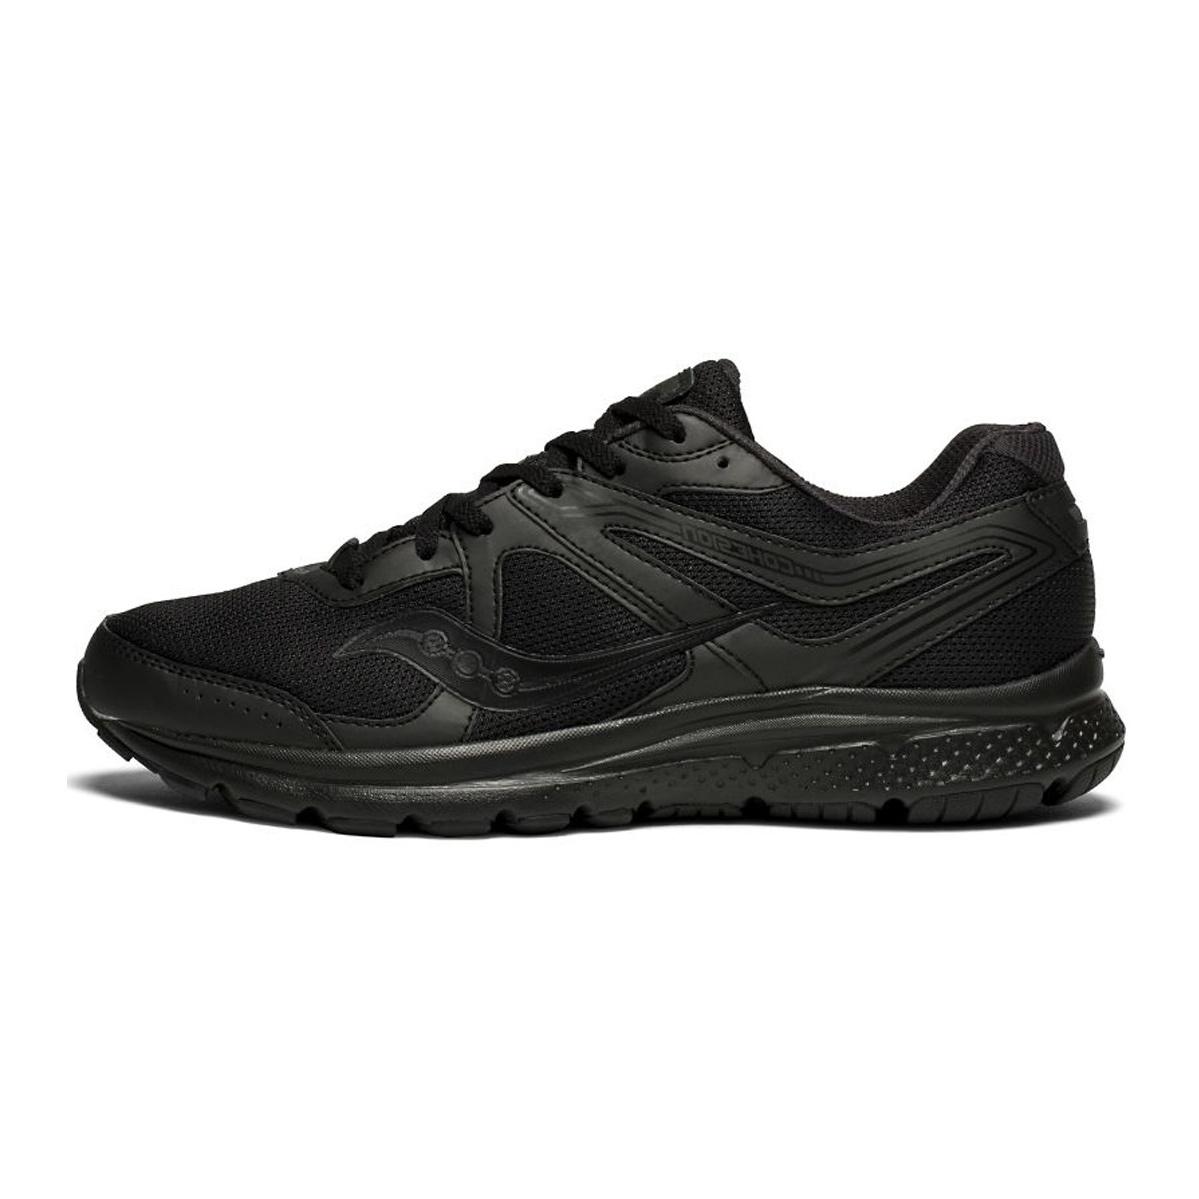 کفش مخصوص دویدن مردانه ساکنی مدل GRID COHESION 11 کد 4-S20420 -  - 1